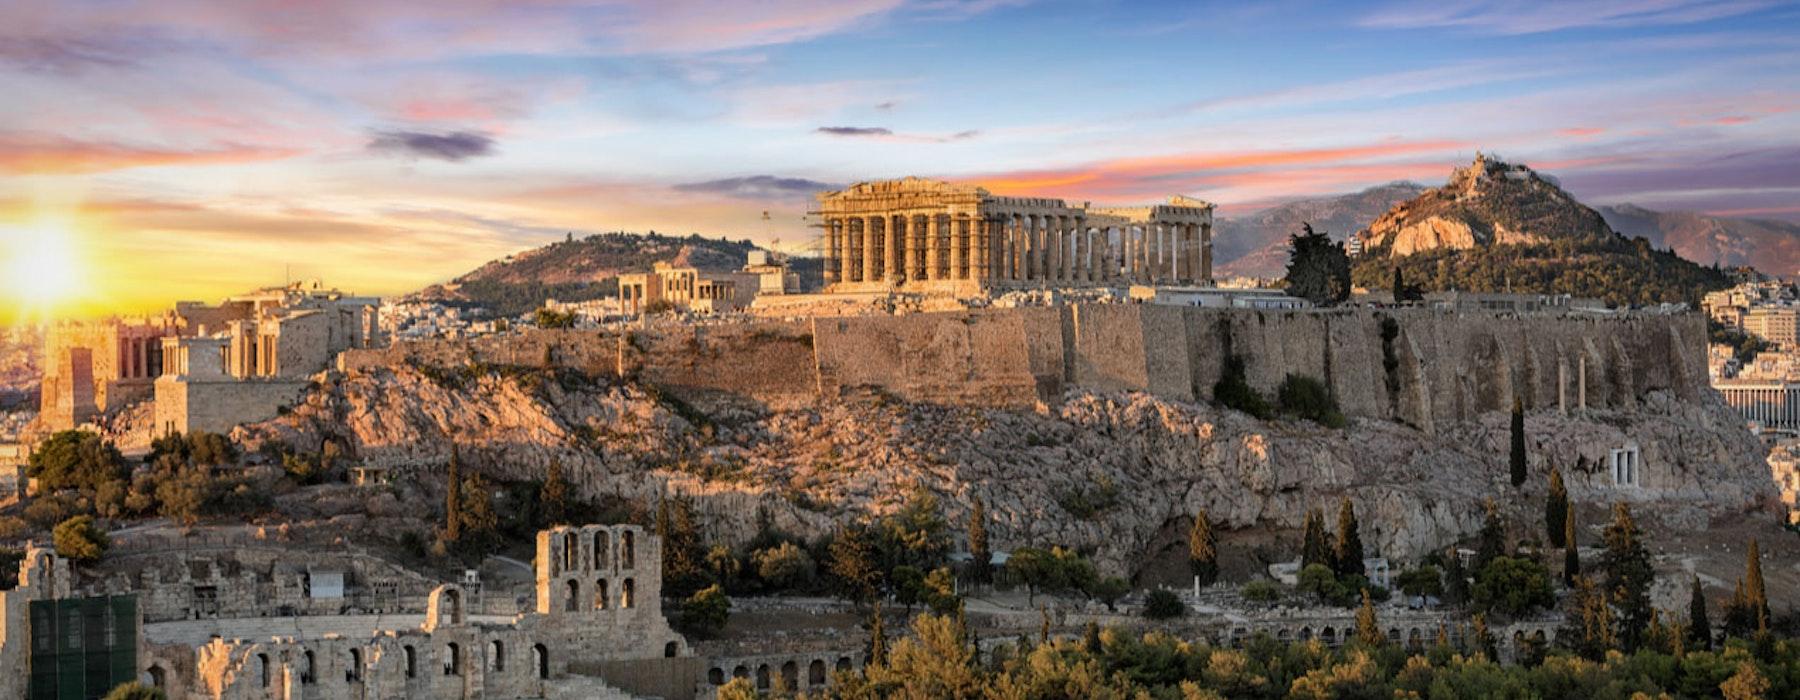 Greece Yacht Charter Destination